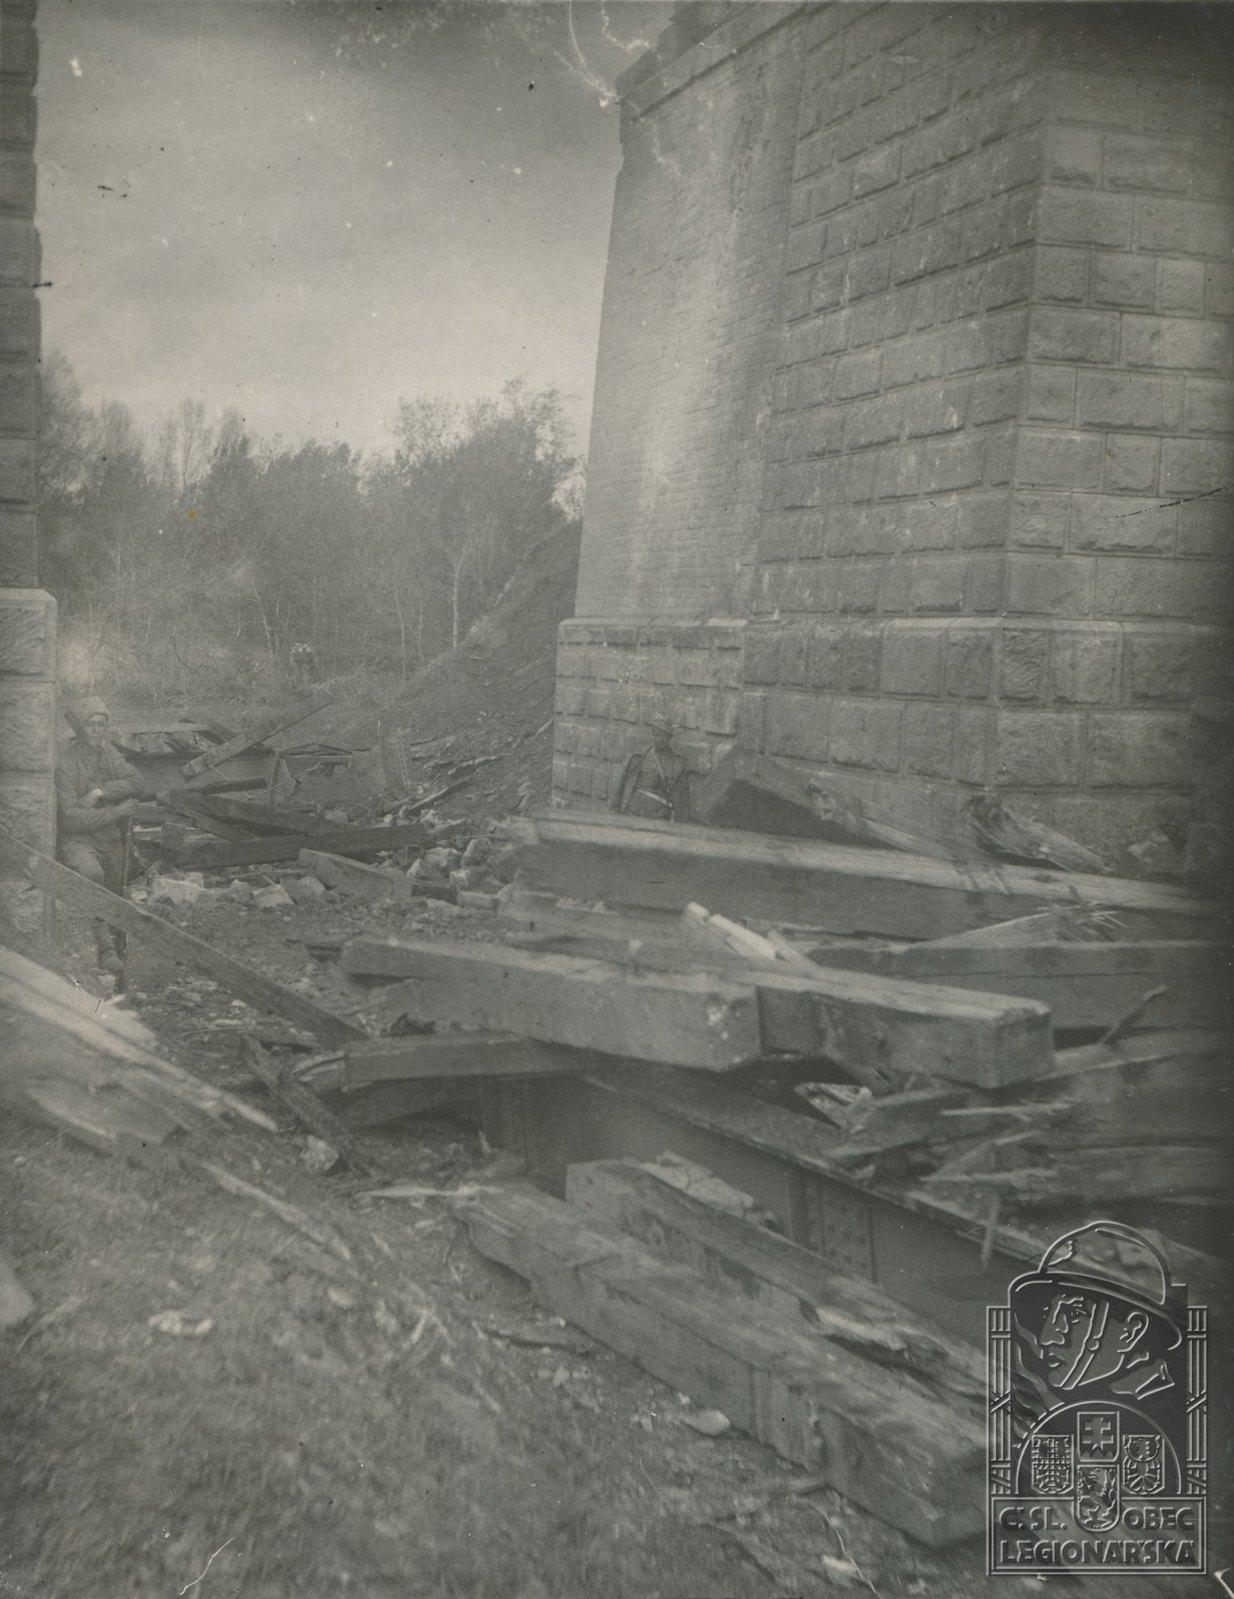 15. 1918. Мост, взорванный большевиками в бою под Сызранью